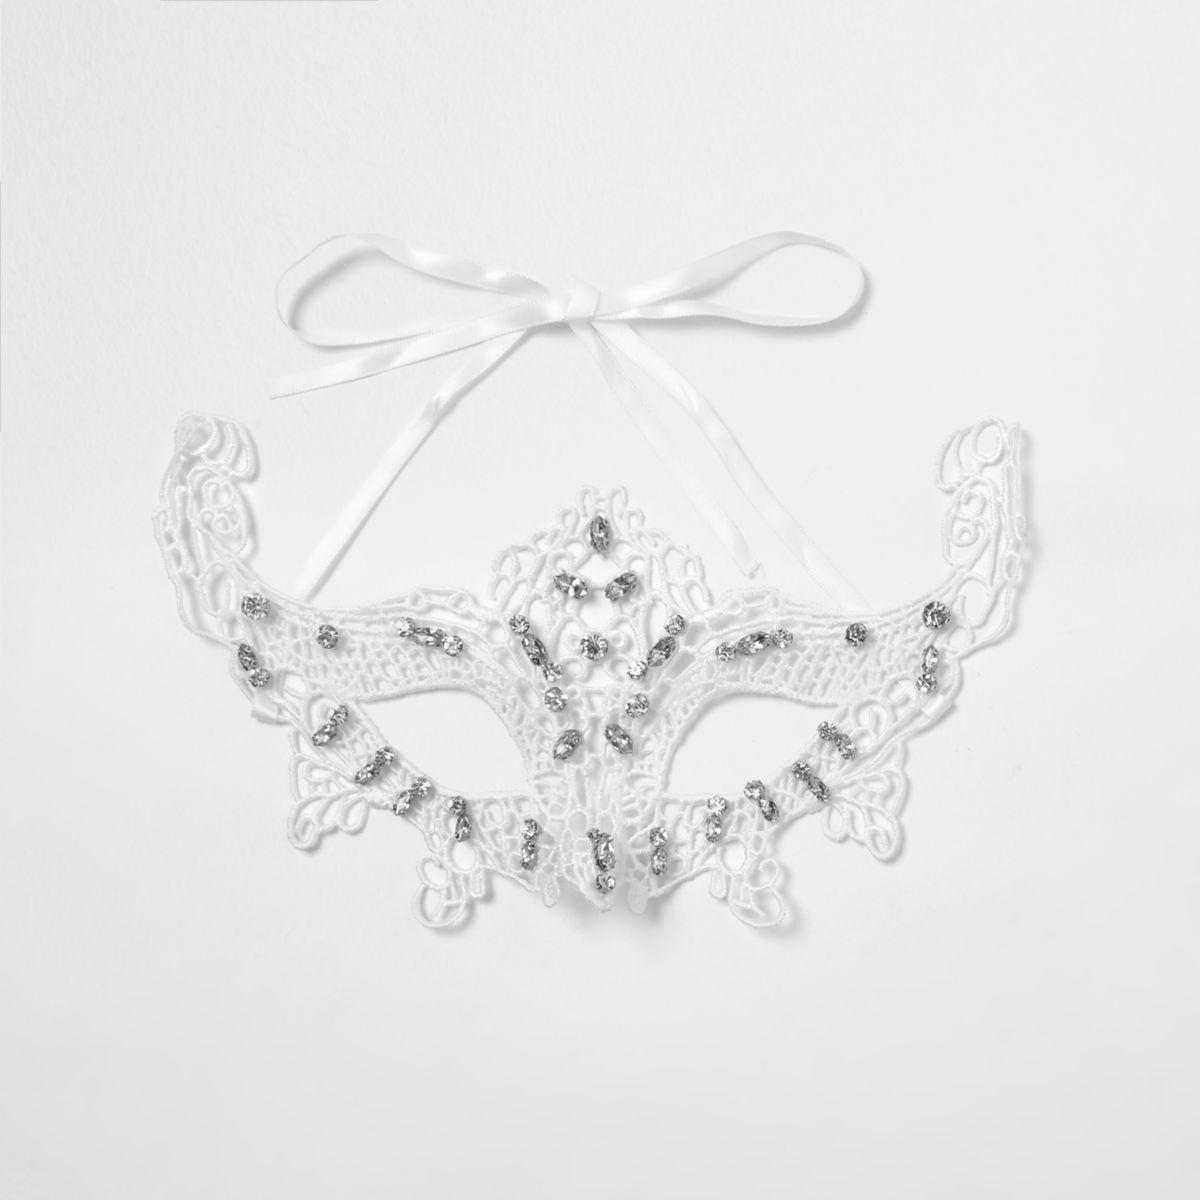 White lace rhinestone encrusted eye mask